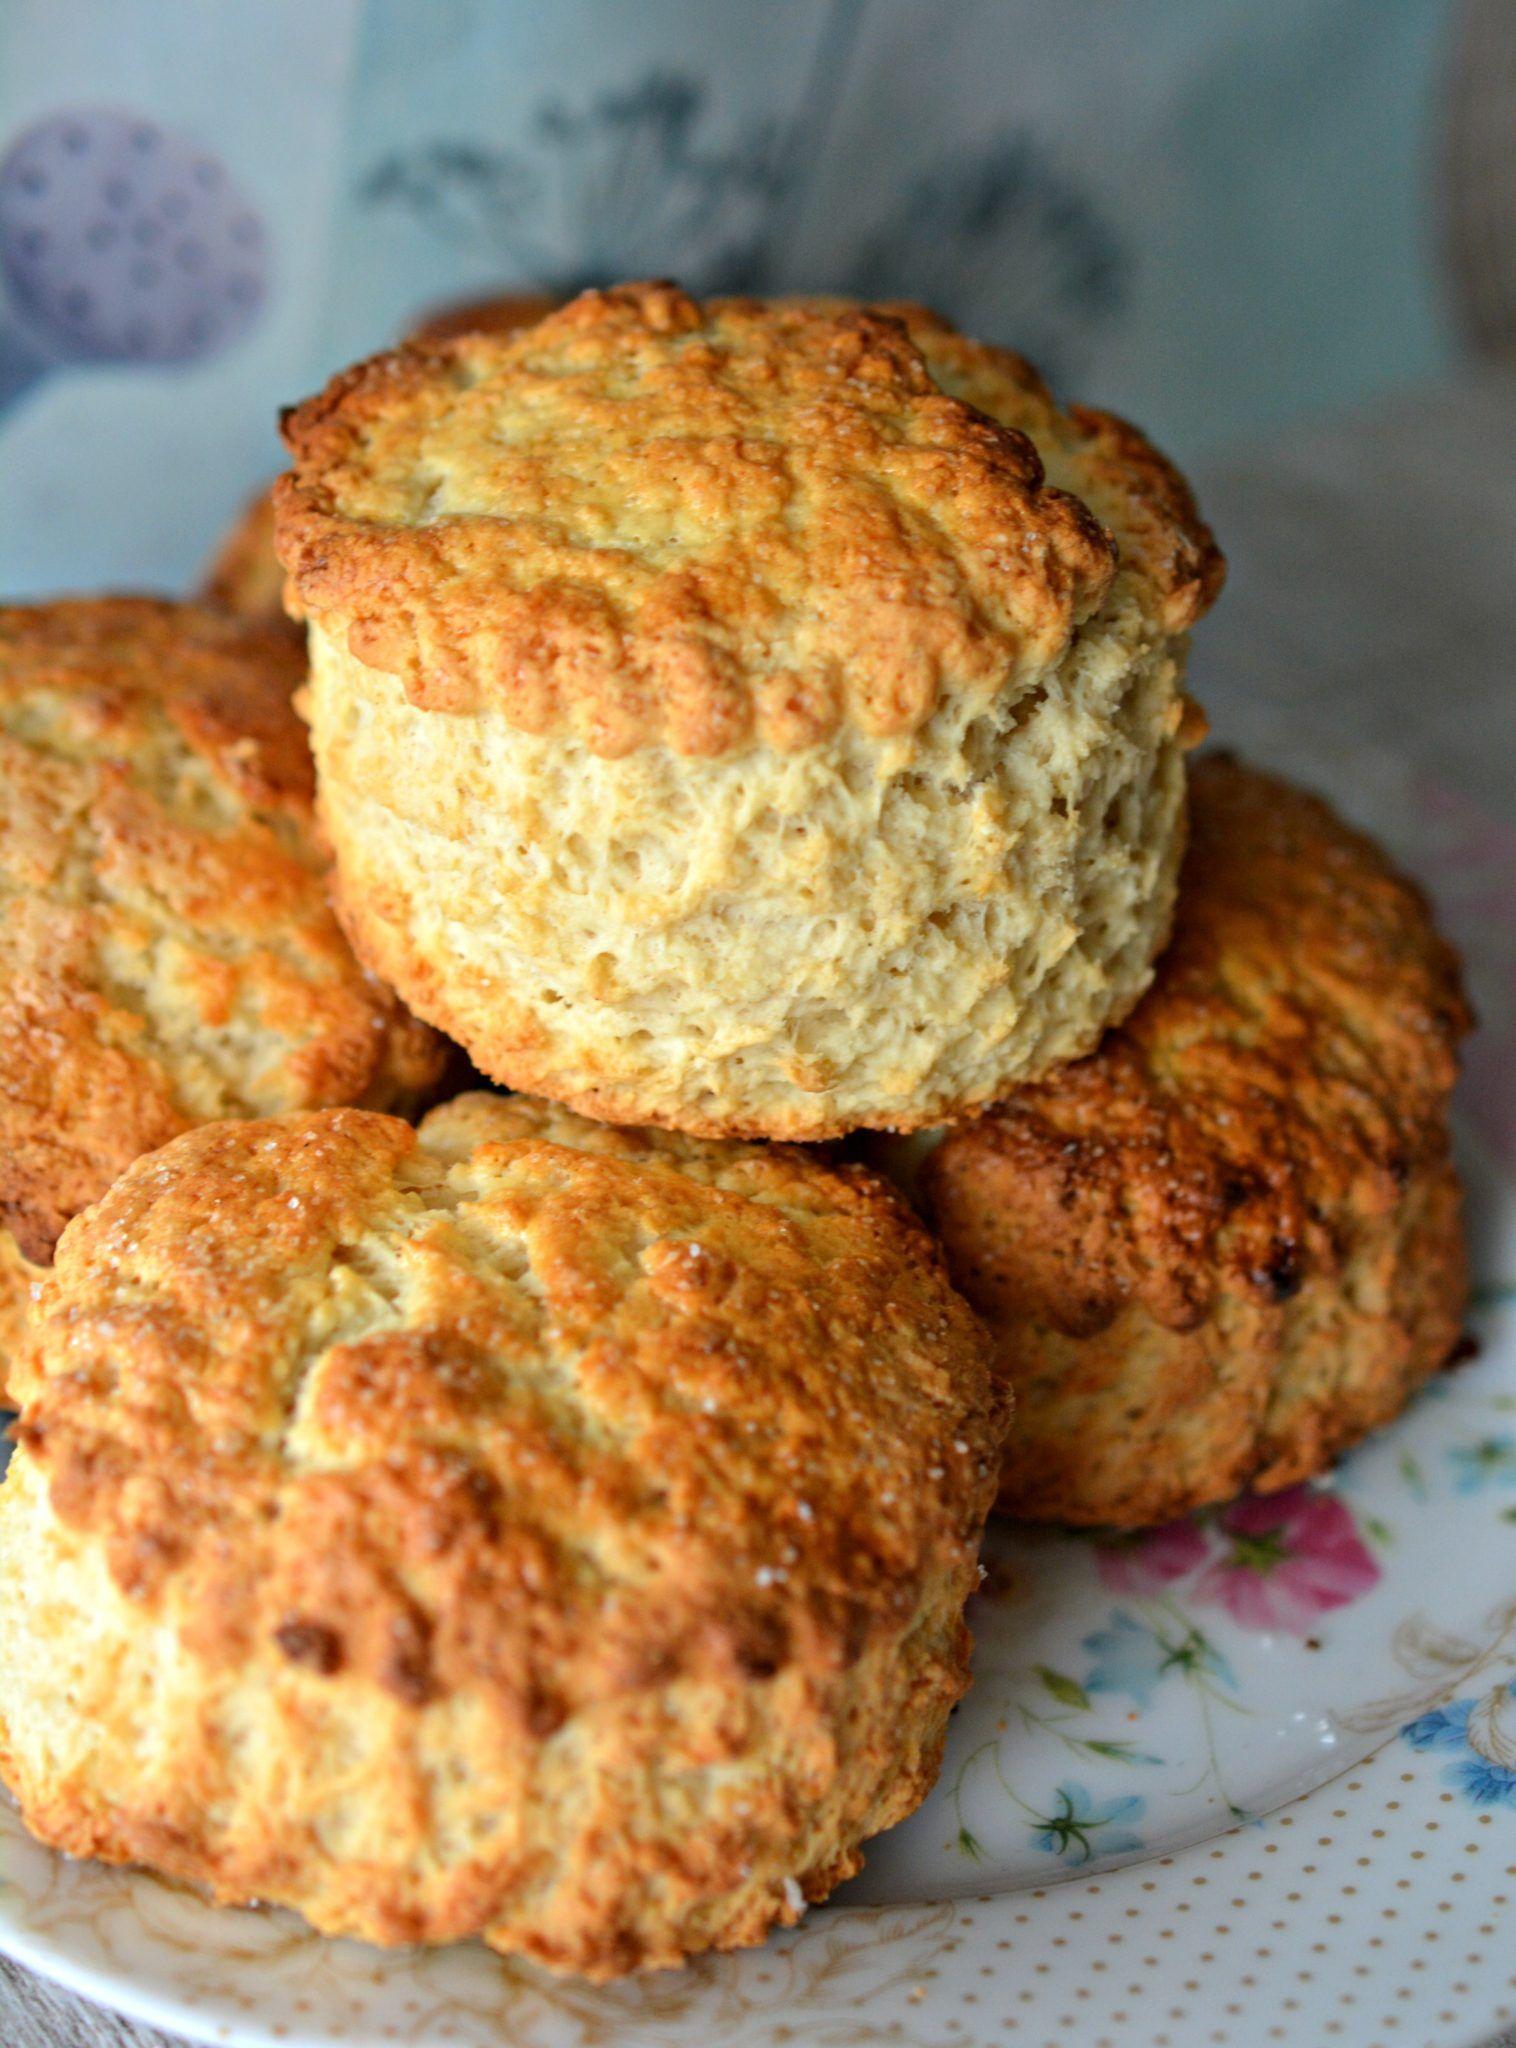 Granny S Buttermilk Scones Irish Baking Adventures In 2020 Baking Recipes Buttermilk Recipes Pineapple Scone Recipe